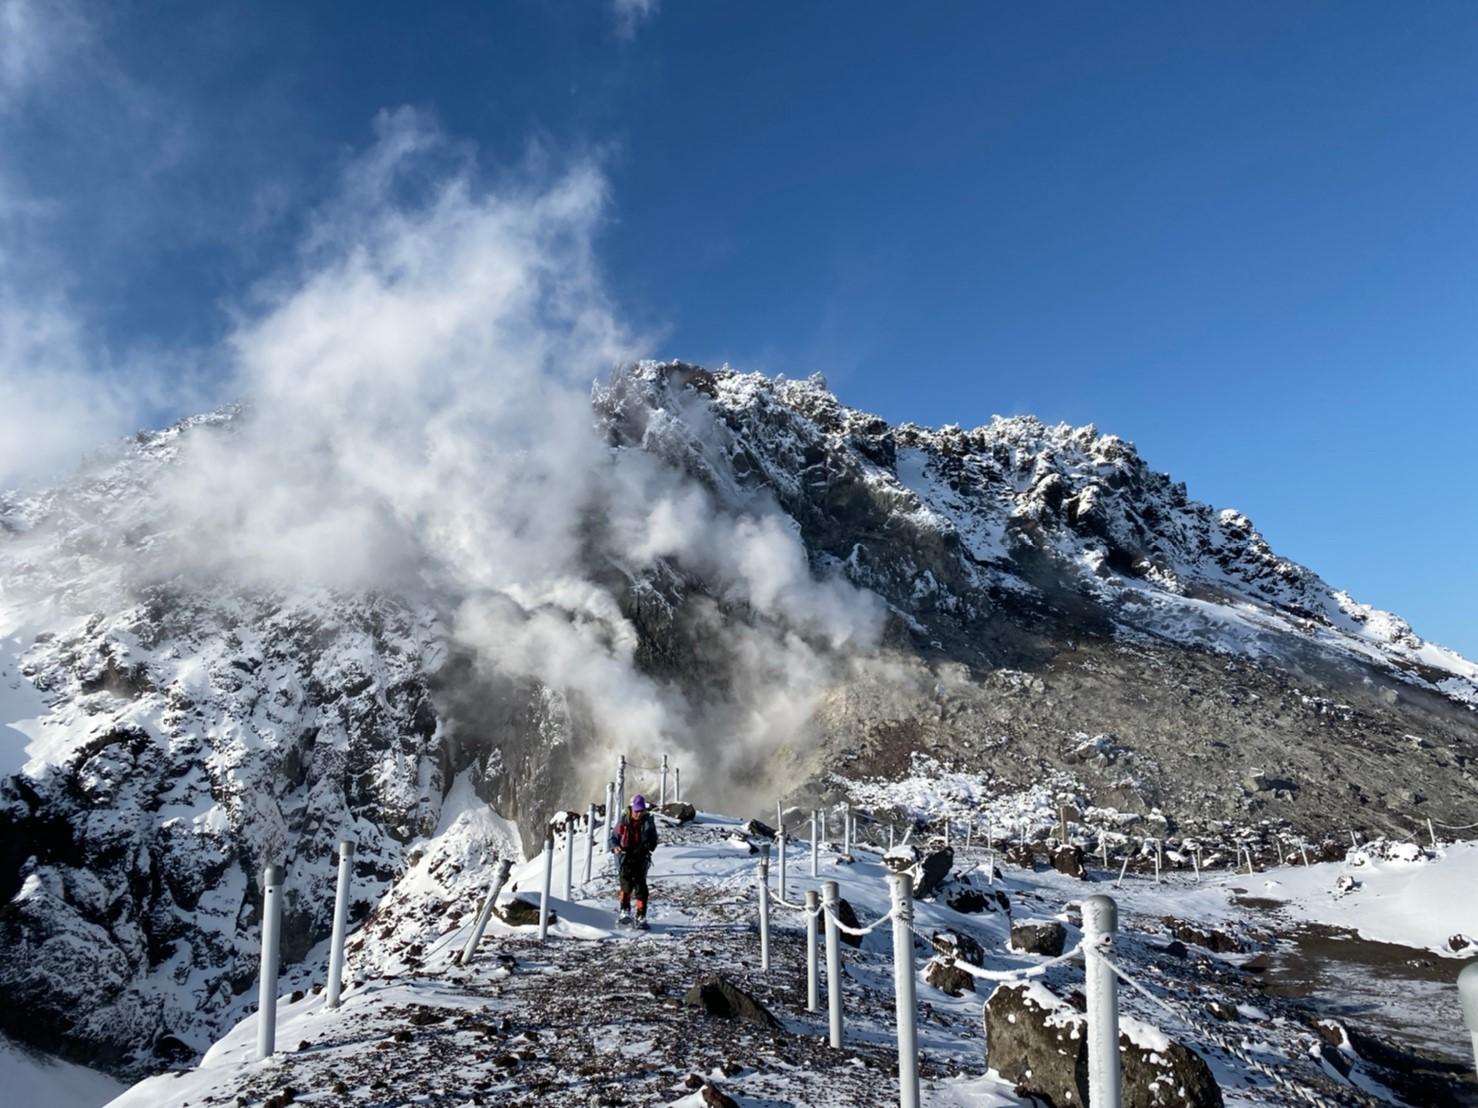 樽前山(北山)と苔の洞門、2019.12.15ー同行者からの写真ー_f0138096_23454724.jpg